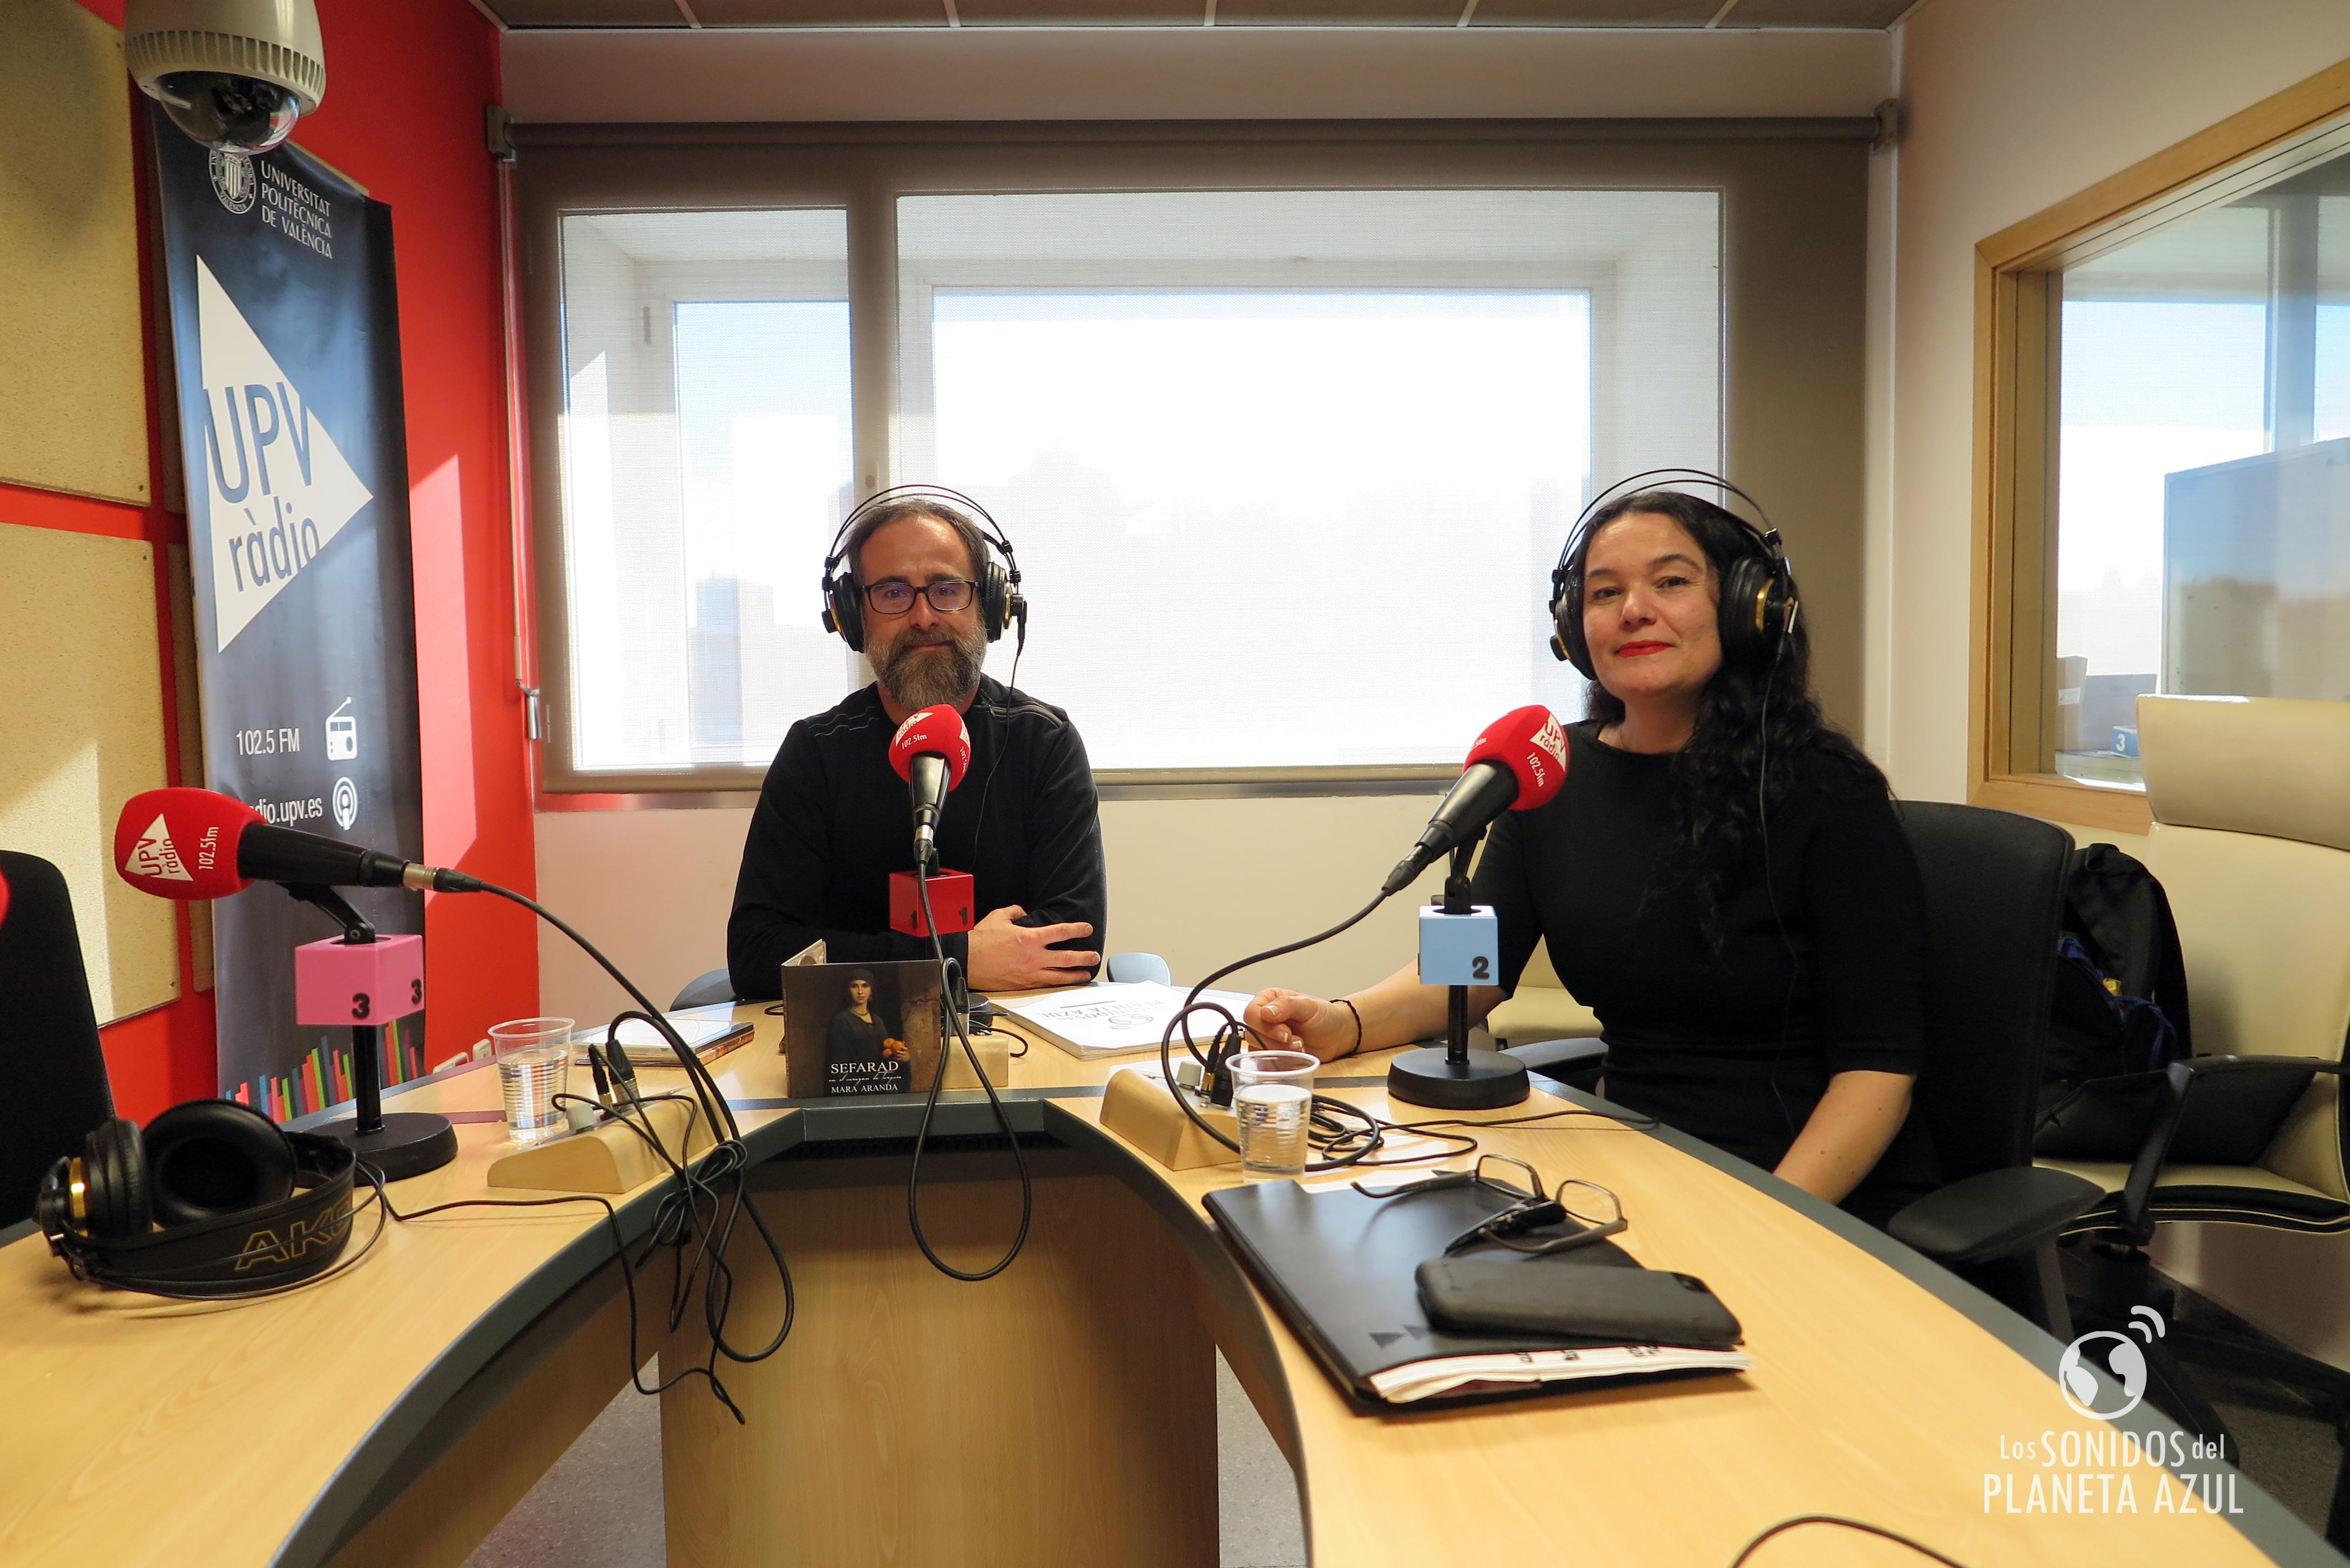 Grabación de la entrevista en los estudios de UPV Ràdio en València.